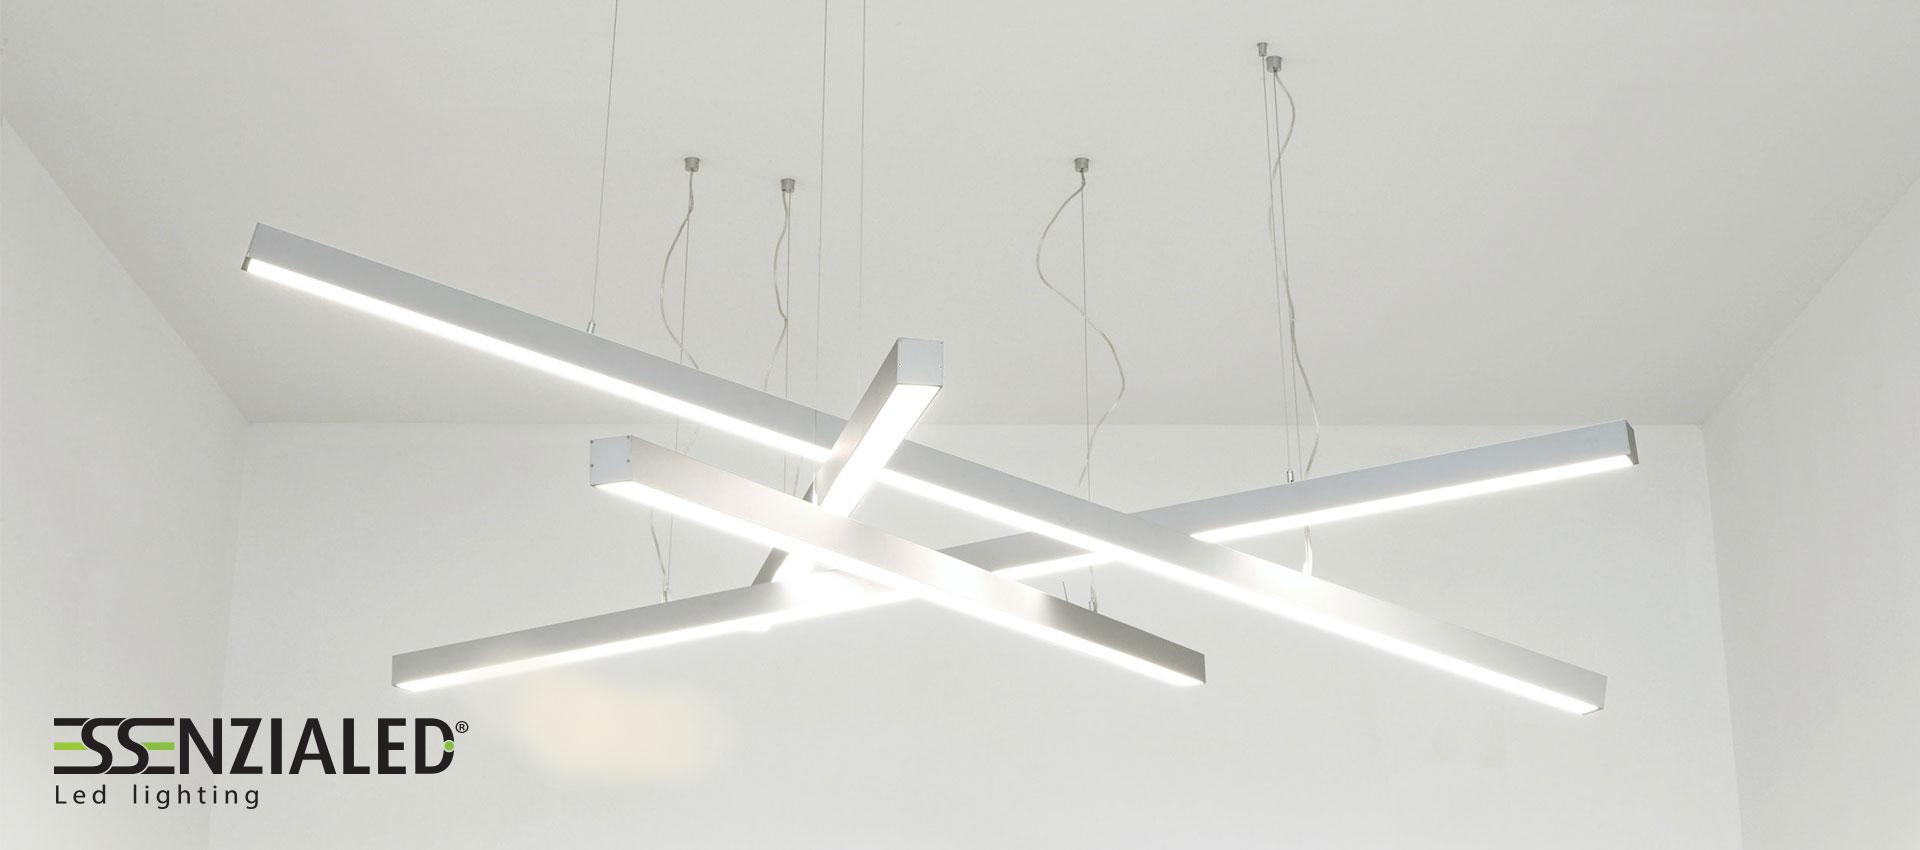 lampadari da ufficio : Illuminazione Led per uffici prodotte su misura MadeinItalyEssenzialed ...